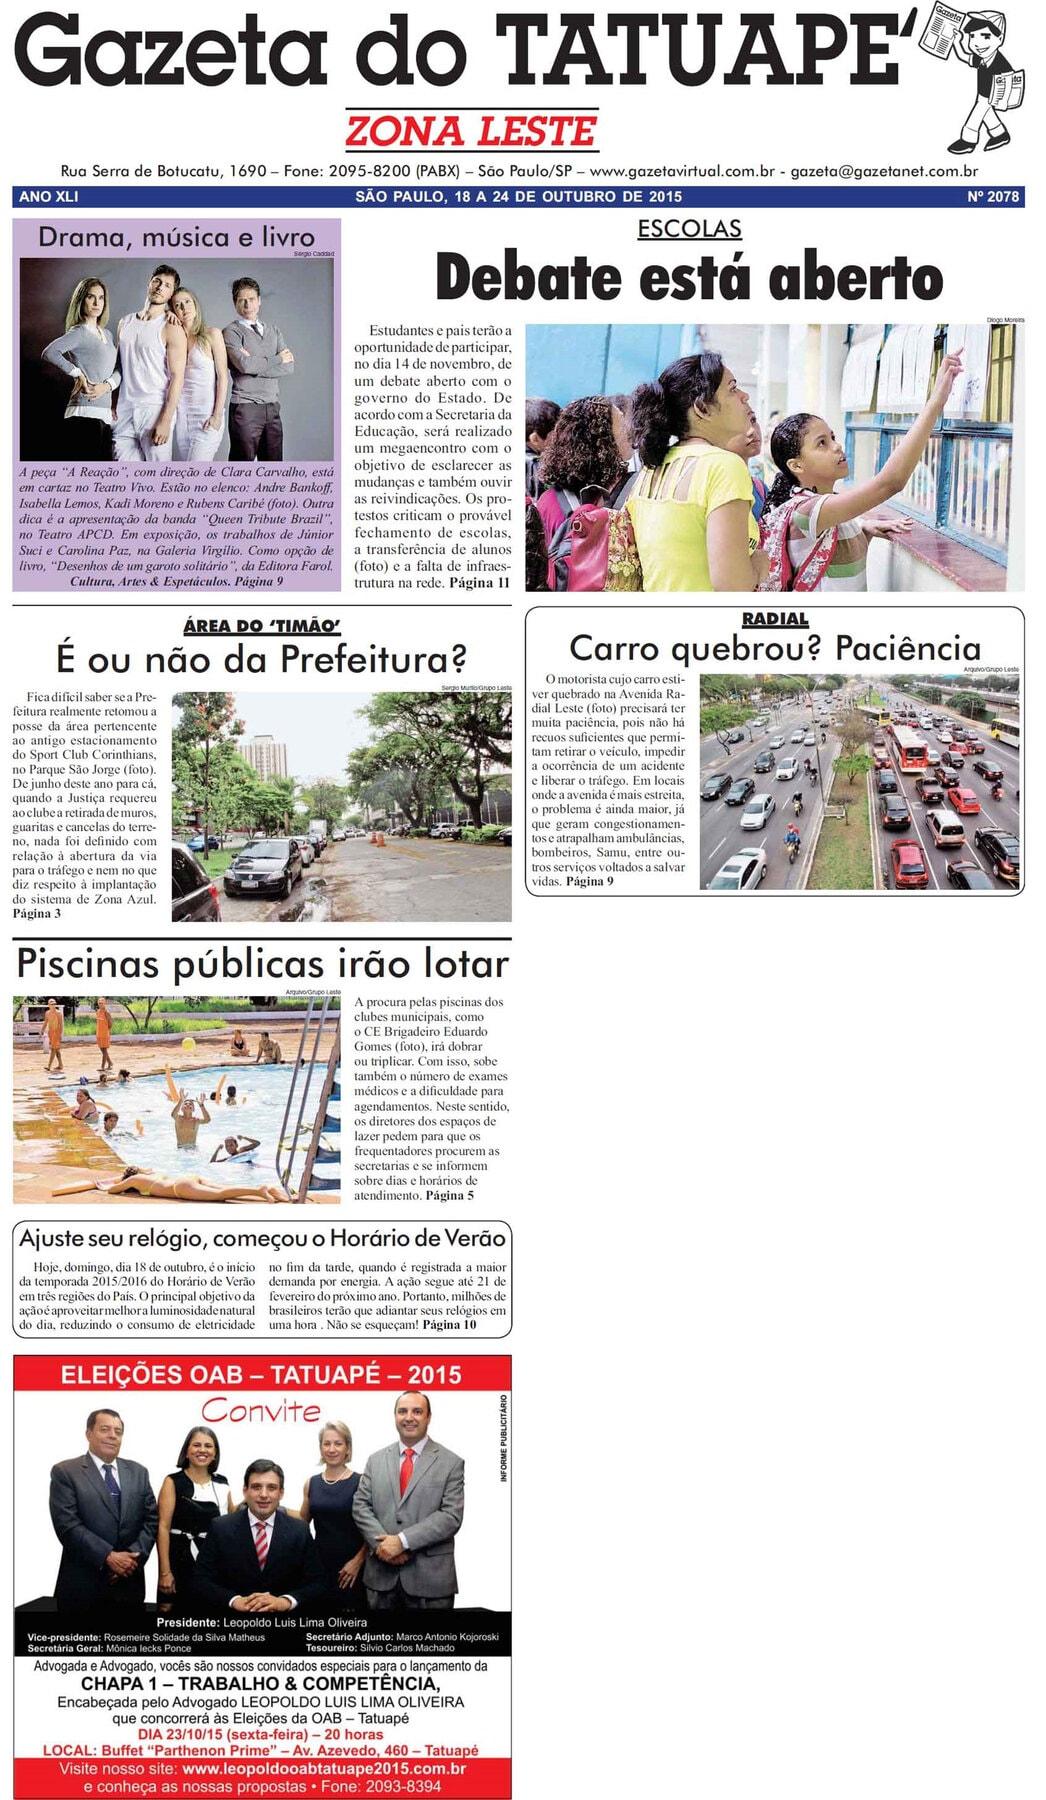 Jornal-Gazeta-do-Tatuape-18-outubro-2015-01